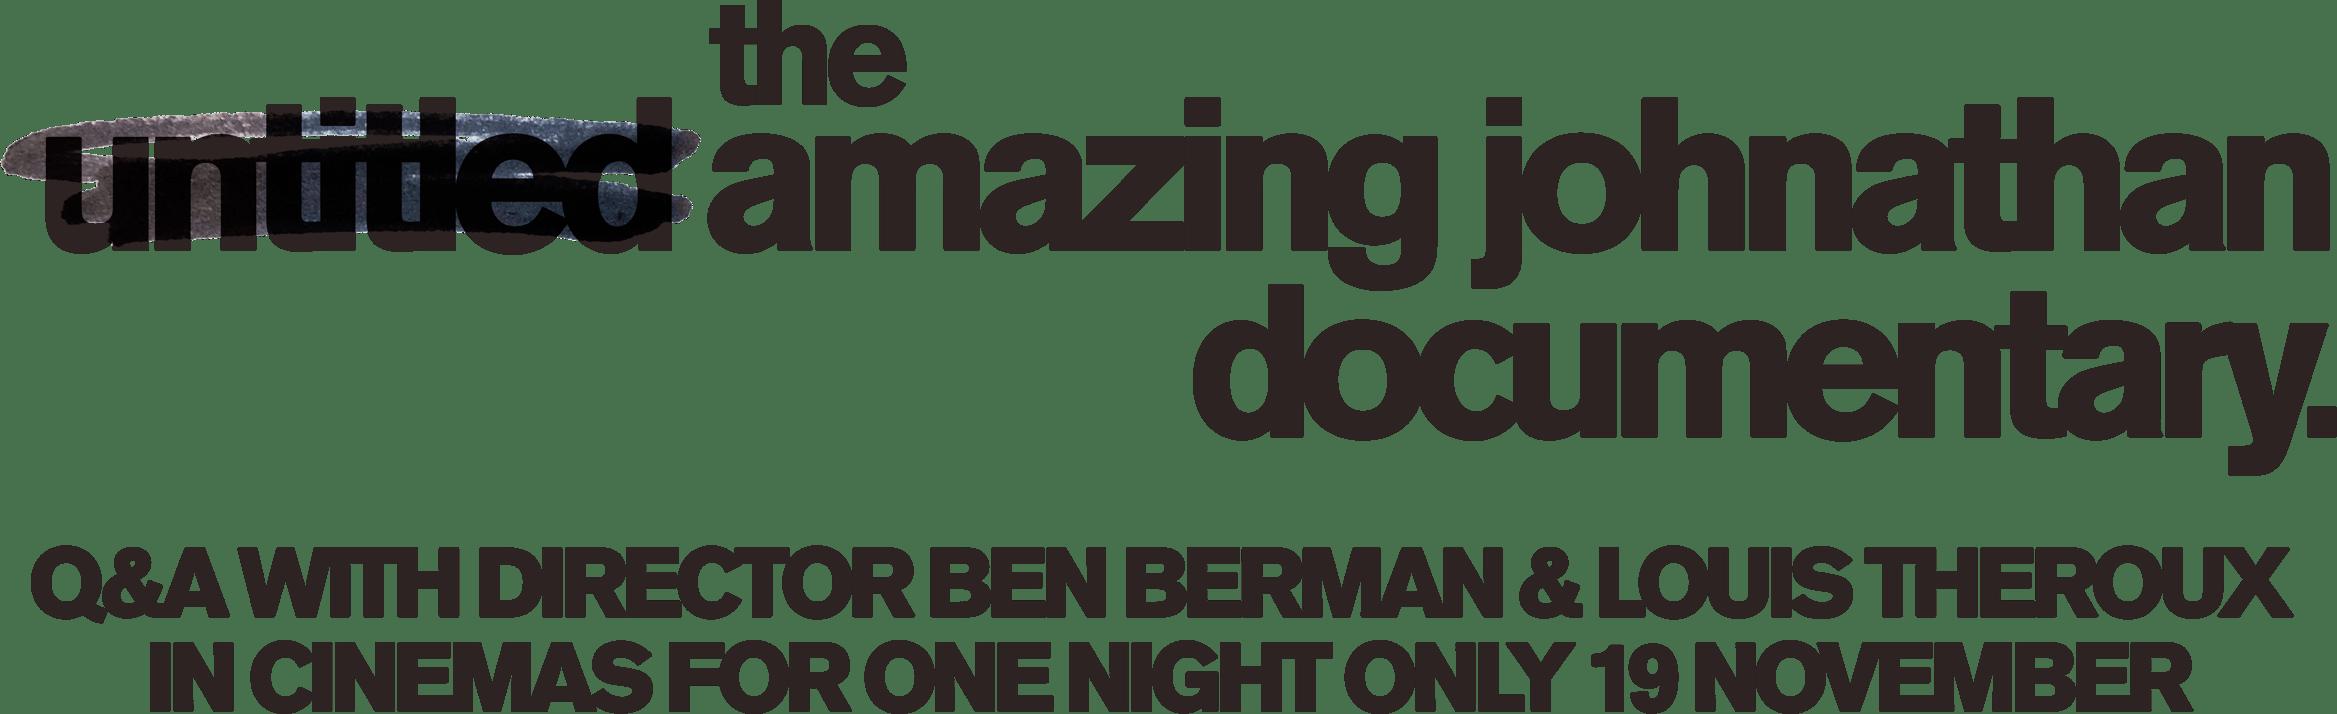 The Amazing Johnathan Documentary : %$SYNOPSIS% | Dogwoof